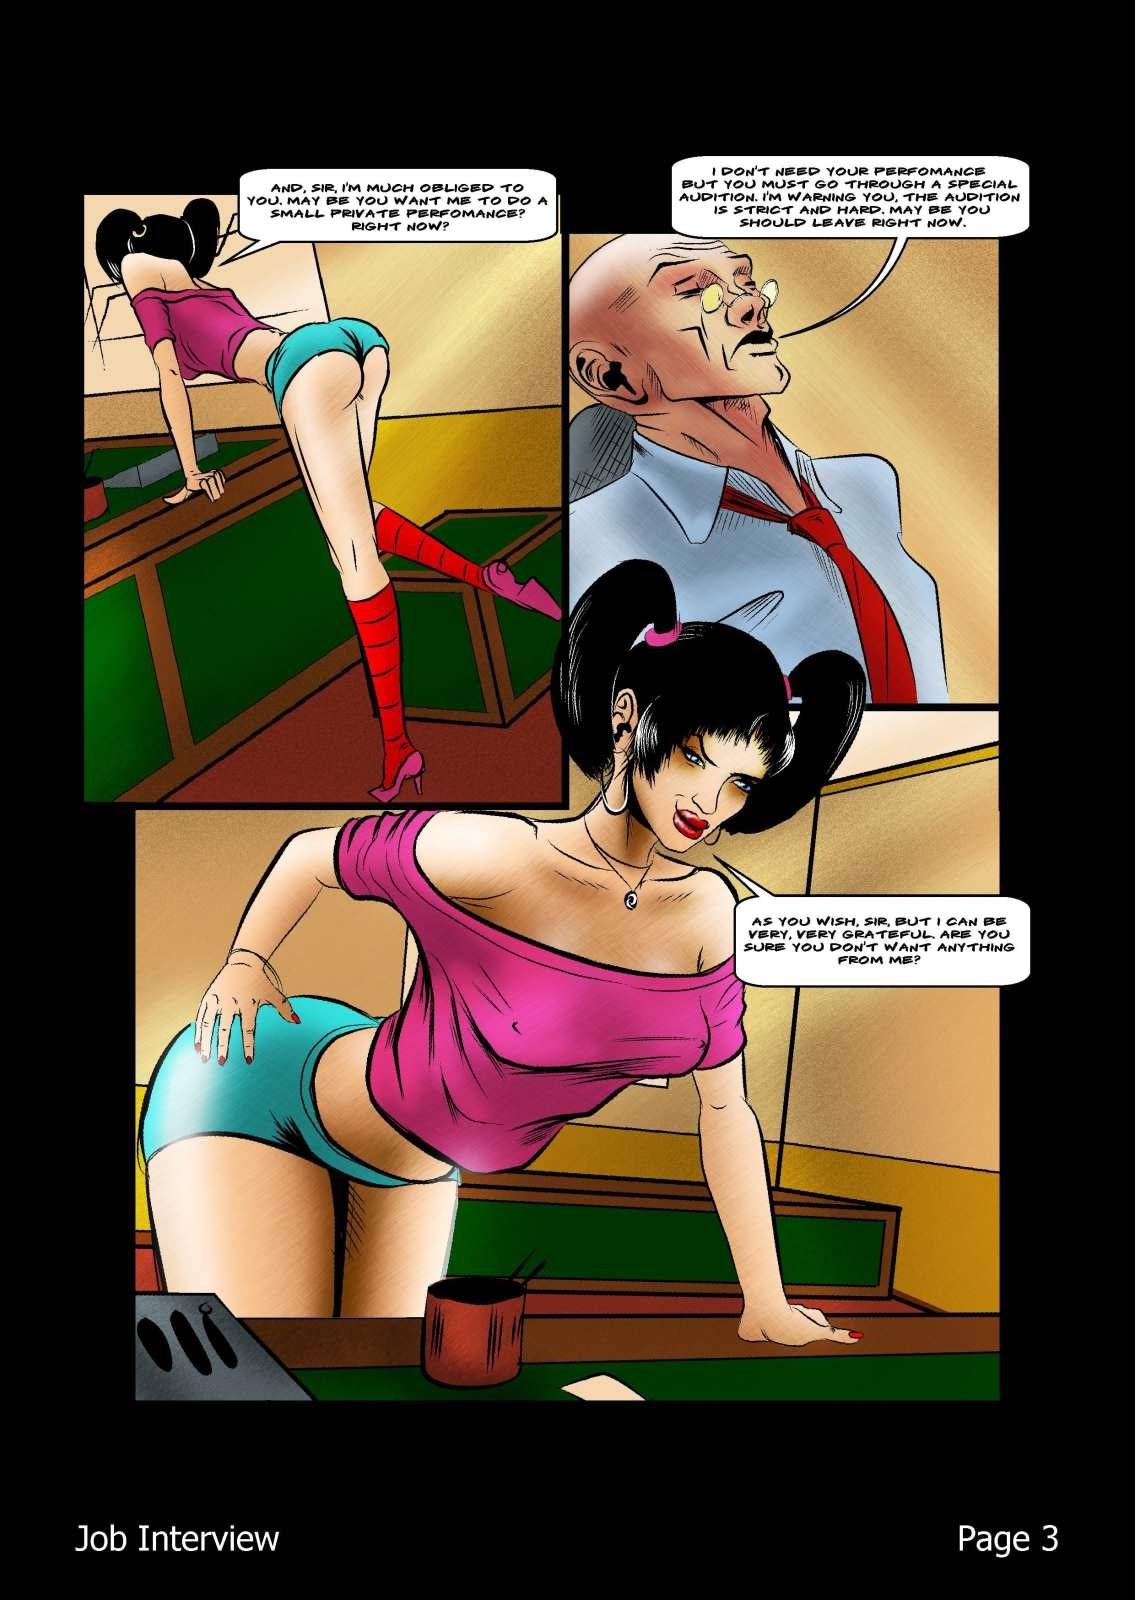 Bdsm Porn Comics bdsm job interview free porn comic - hd porn comics